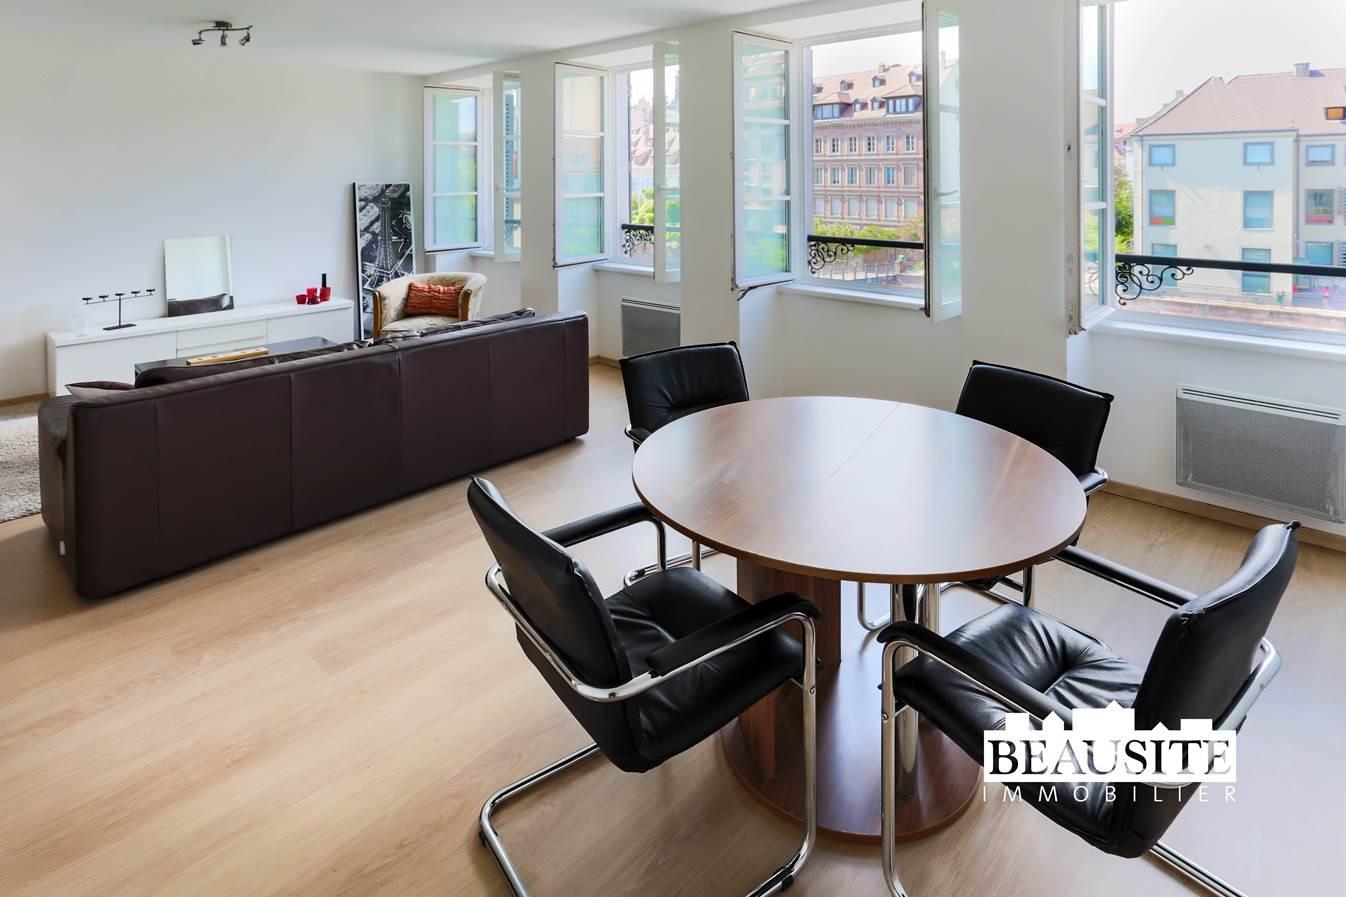 [Batelier] Magnifique 2 pièces meublé - Krutenau / Quai des Bateliers - nos locations - Beausite Immobilier 1